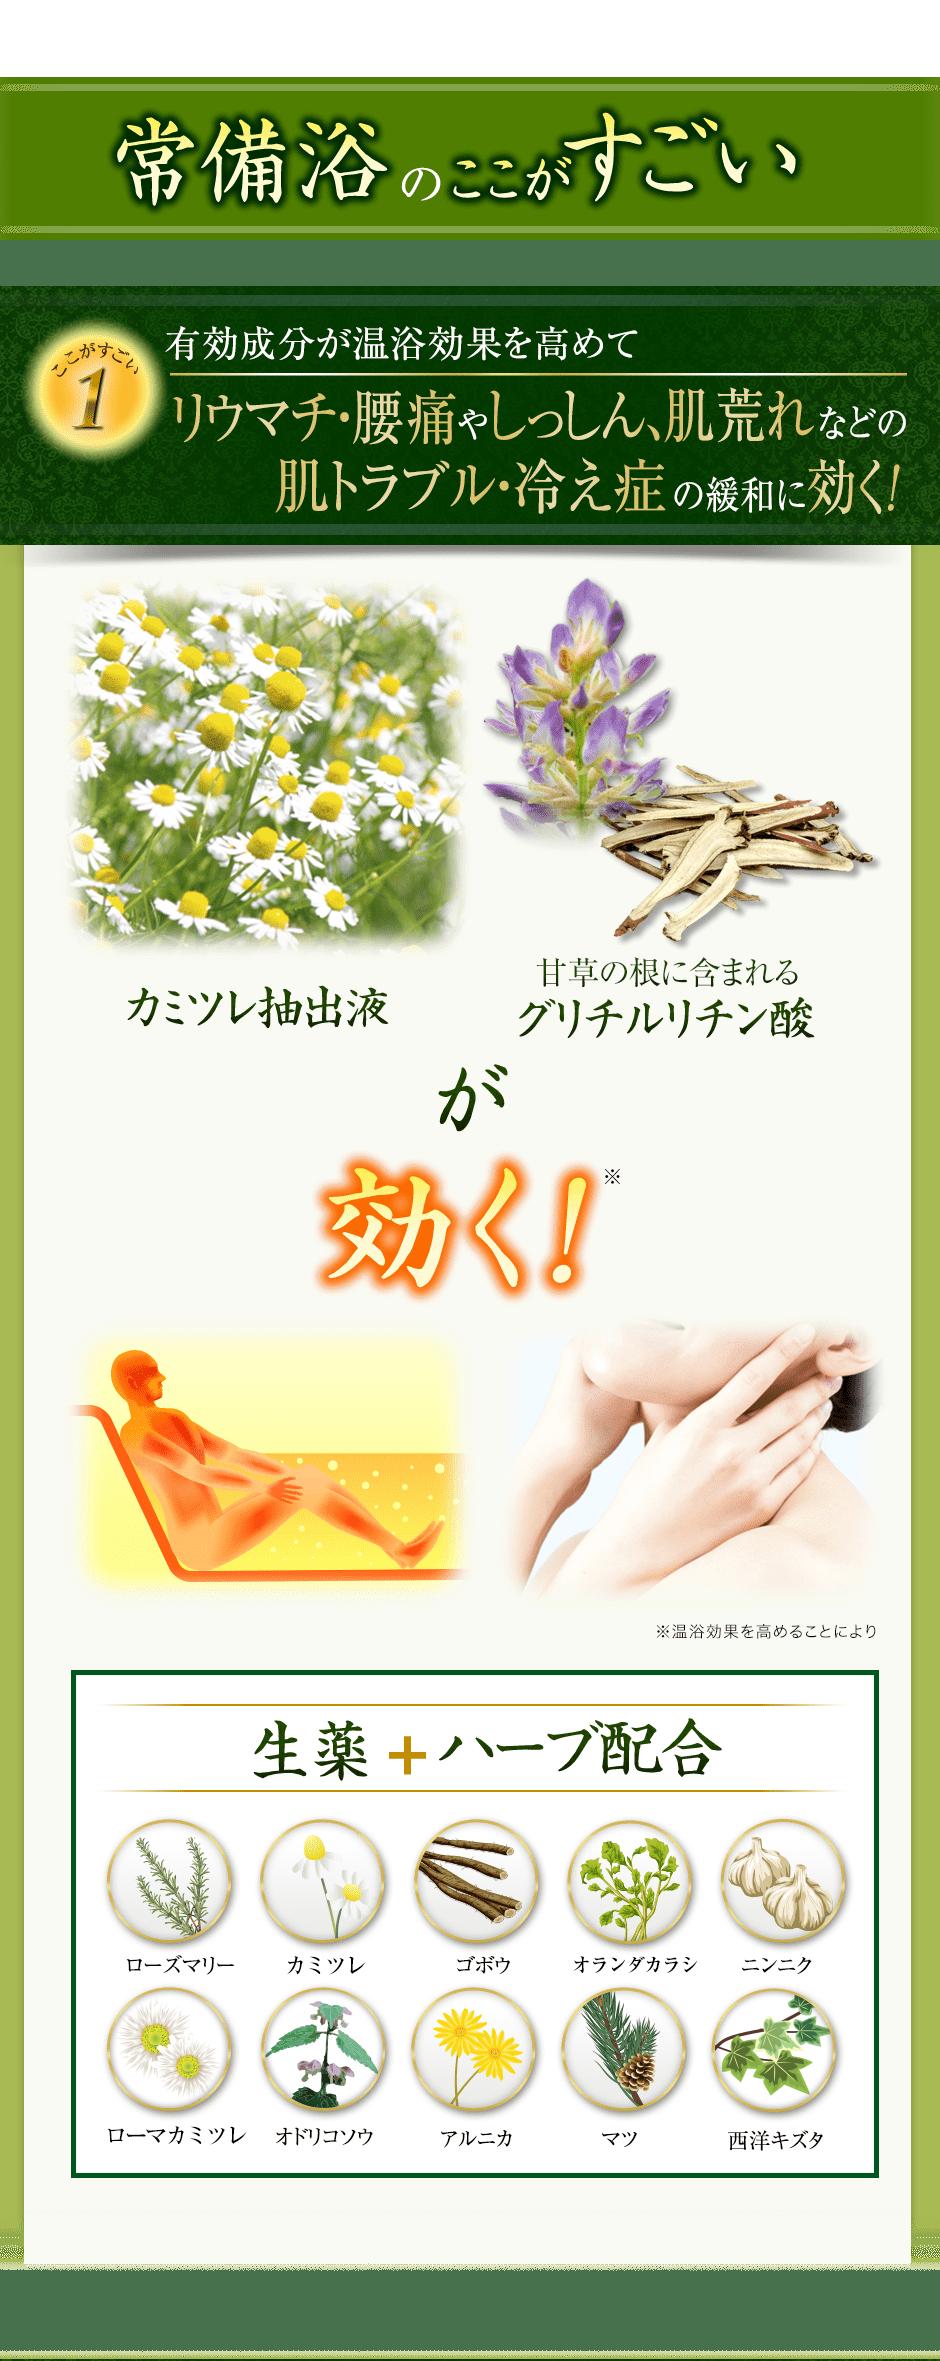 ここがすごい1 有効成分が温浴効果を高めてリウマチ・腰痛・やしっしん、肌荒れなどの肌トラブル・冷え症の緩和に効く!